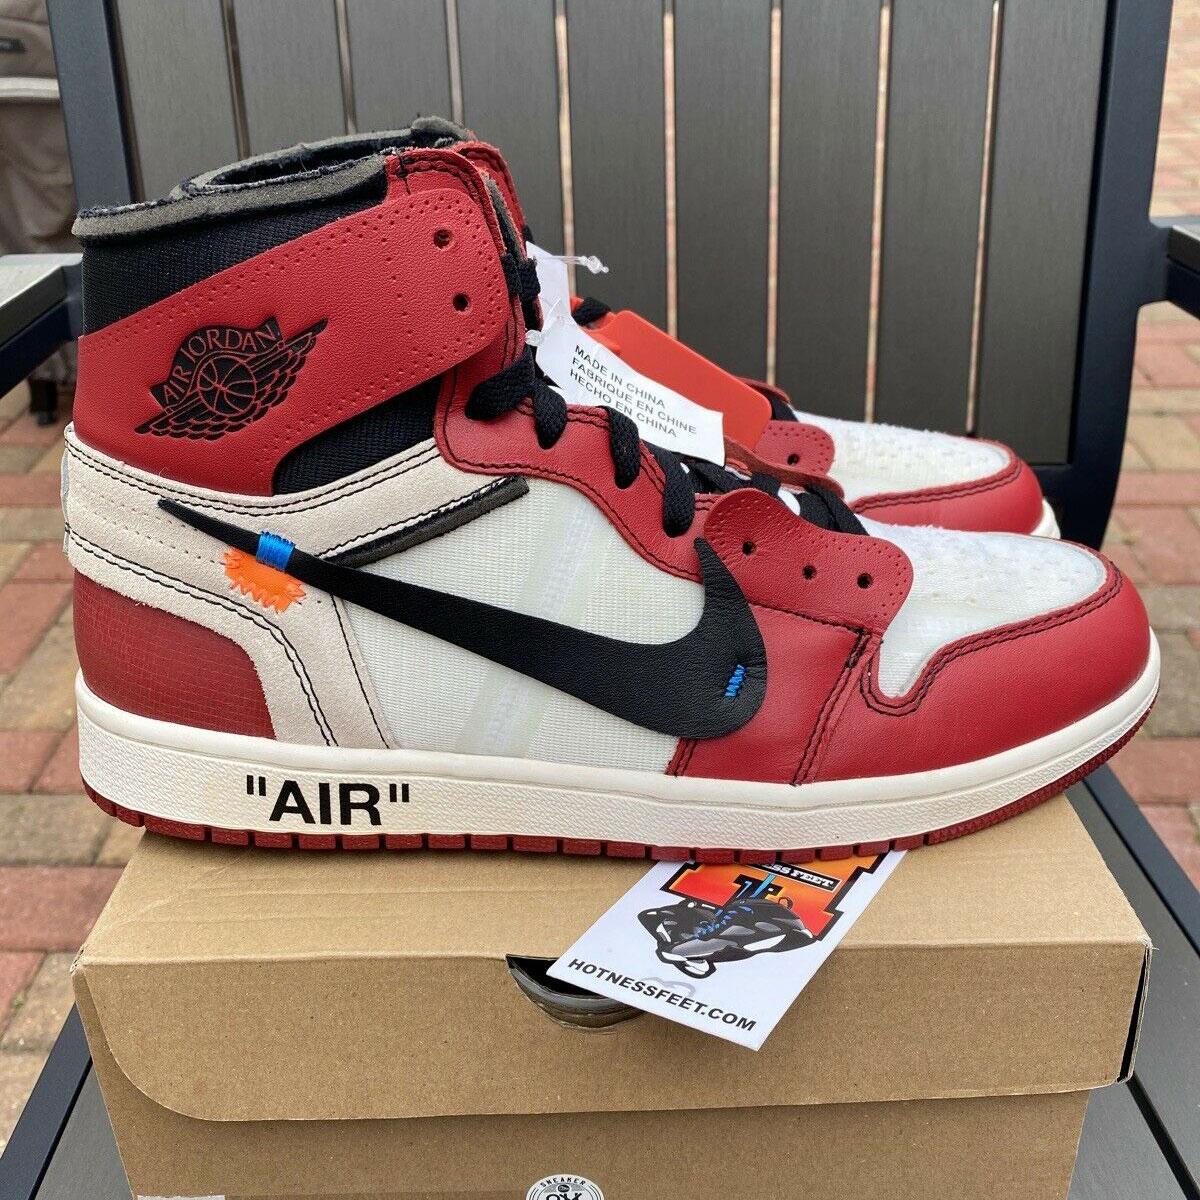 Lịch sử Air Jordan, đôi giày khai sinh văn hóa sneakerhead 7